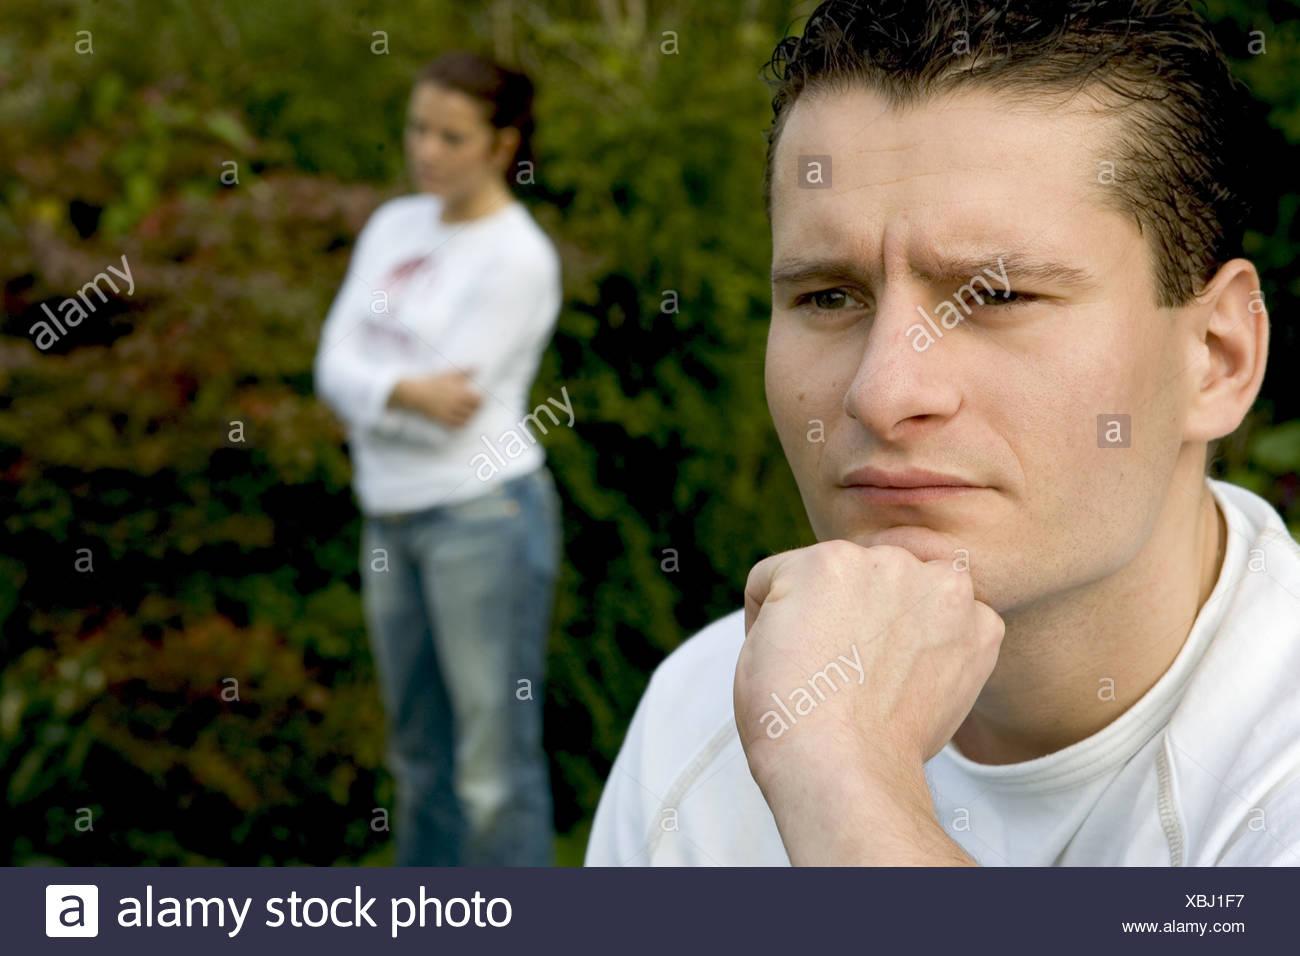 Il matrimonio difficoltà maschio e femmina faccia testardo Immagini Stock